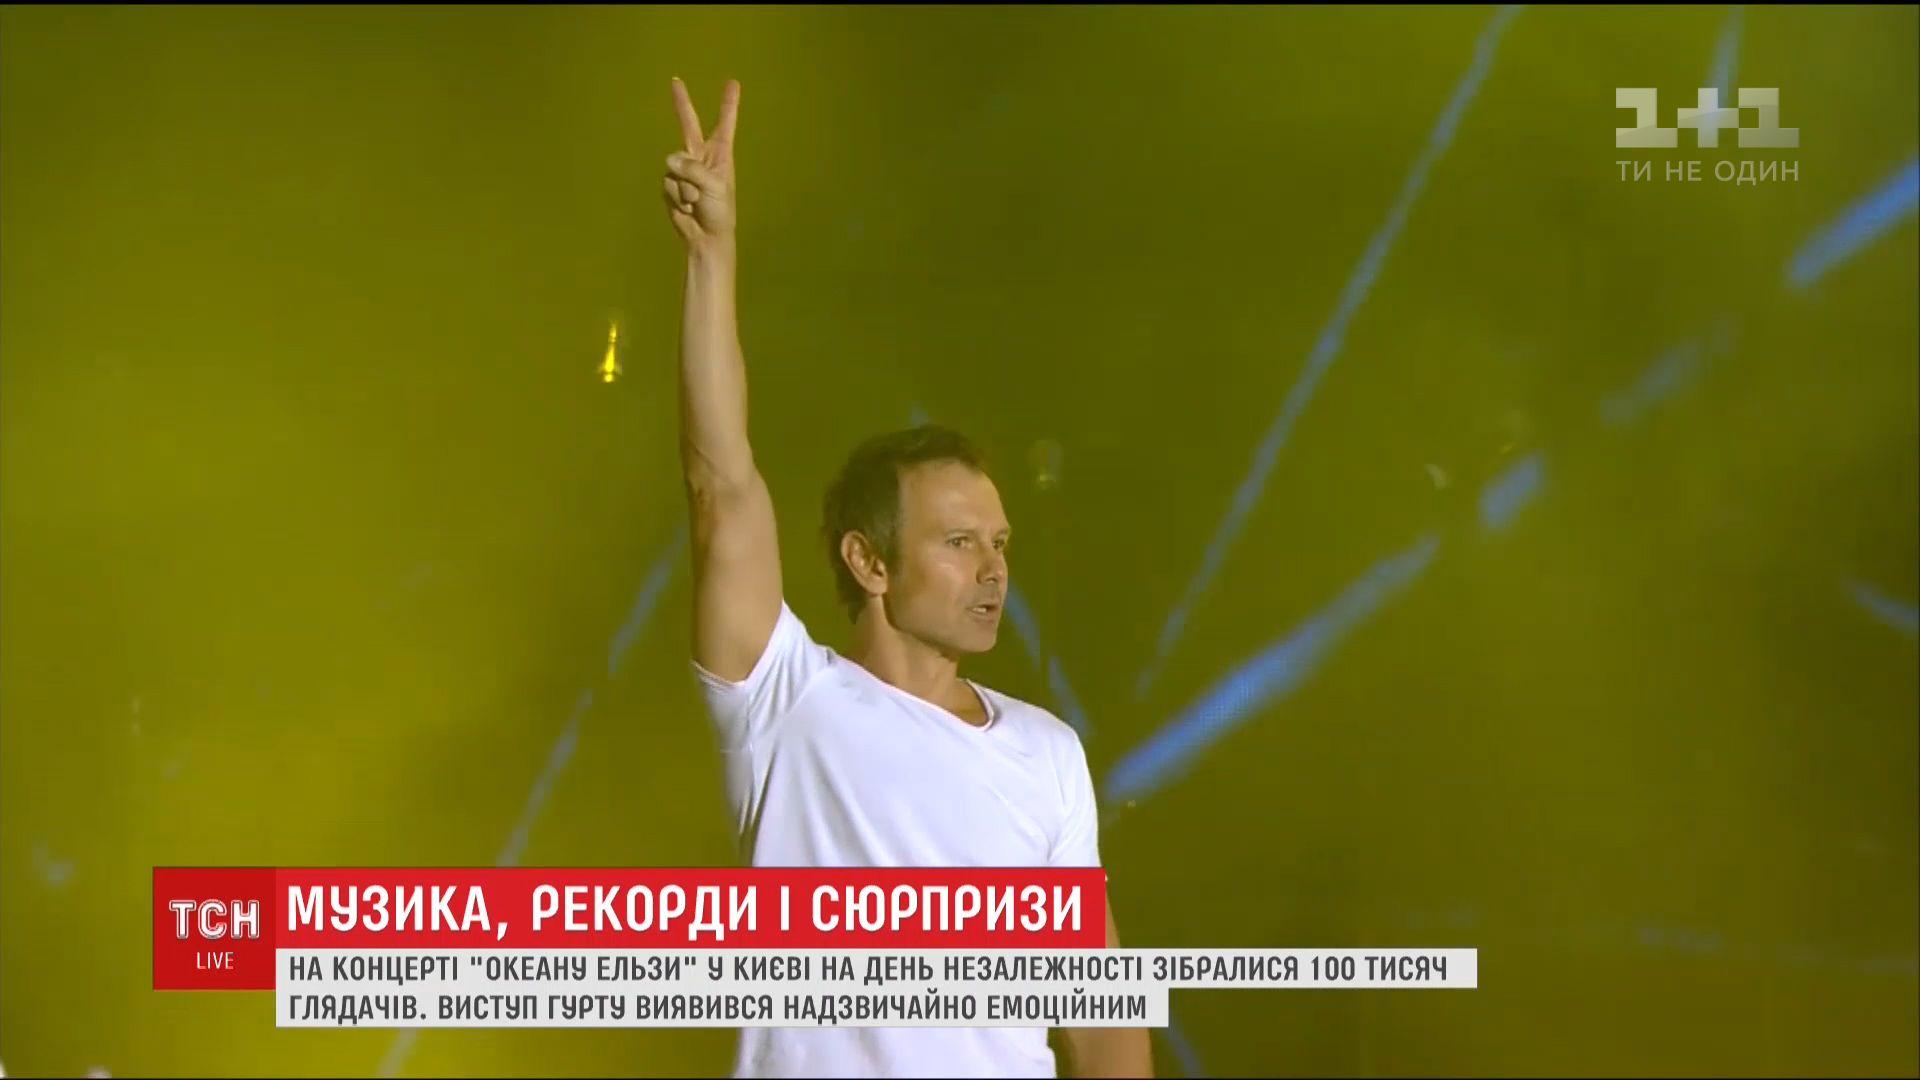 100 тысяч людей в зале и 4 миллиона телезрителей смотрели на Вакарчука и слушали его песни / Кадр из видео ТСН